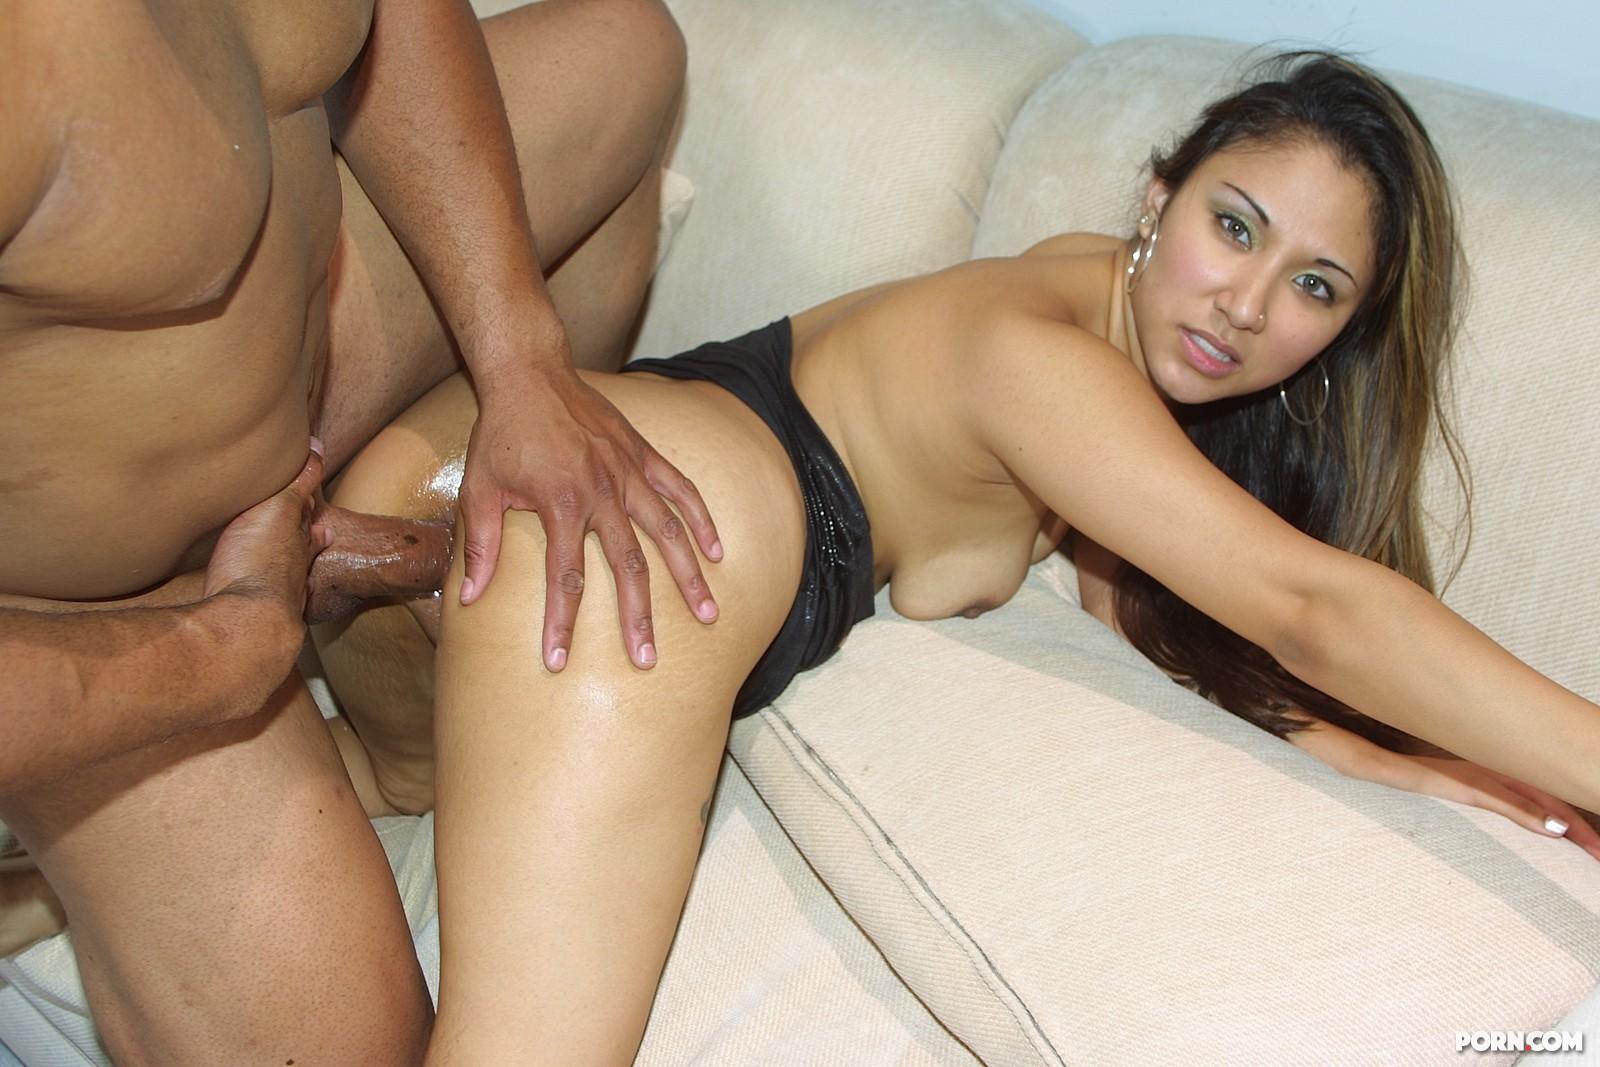 Таджичек ебут онлайн, Таджикское порно porn тоик на 24 видео 23 фотография